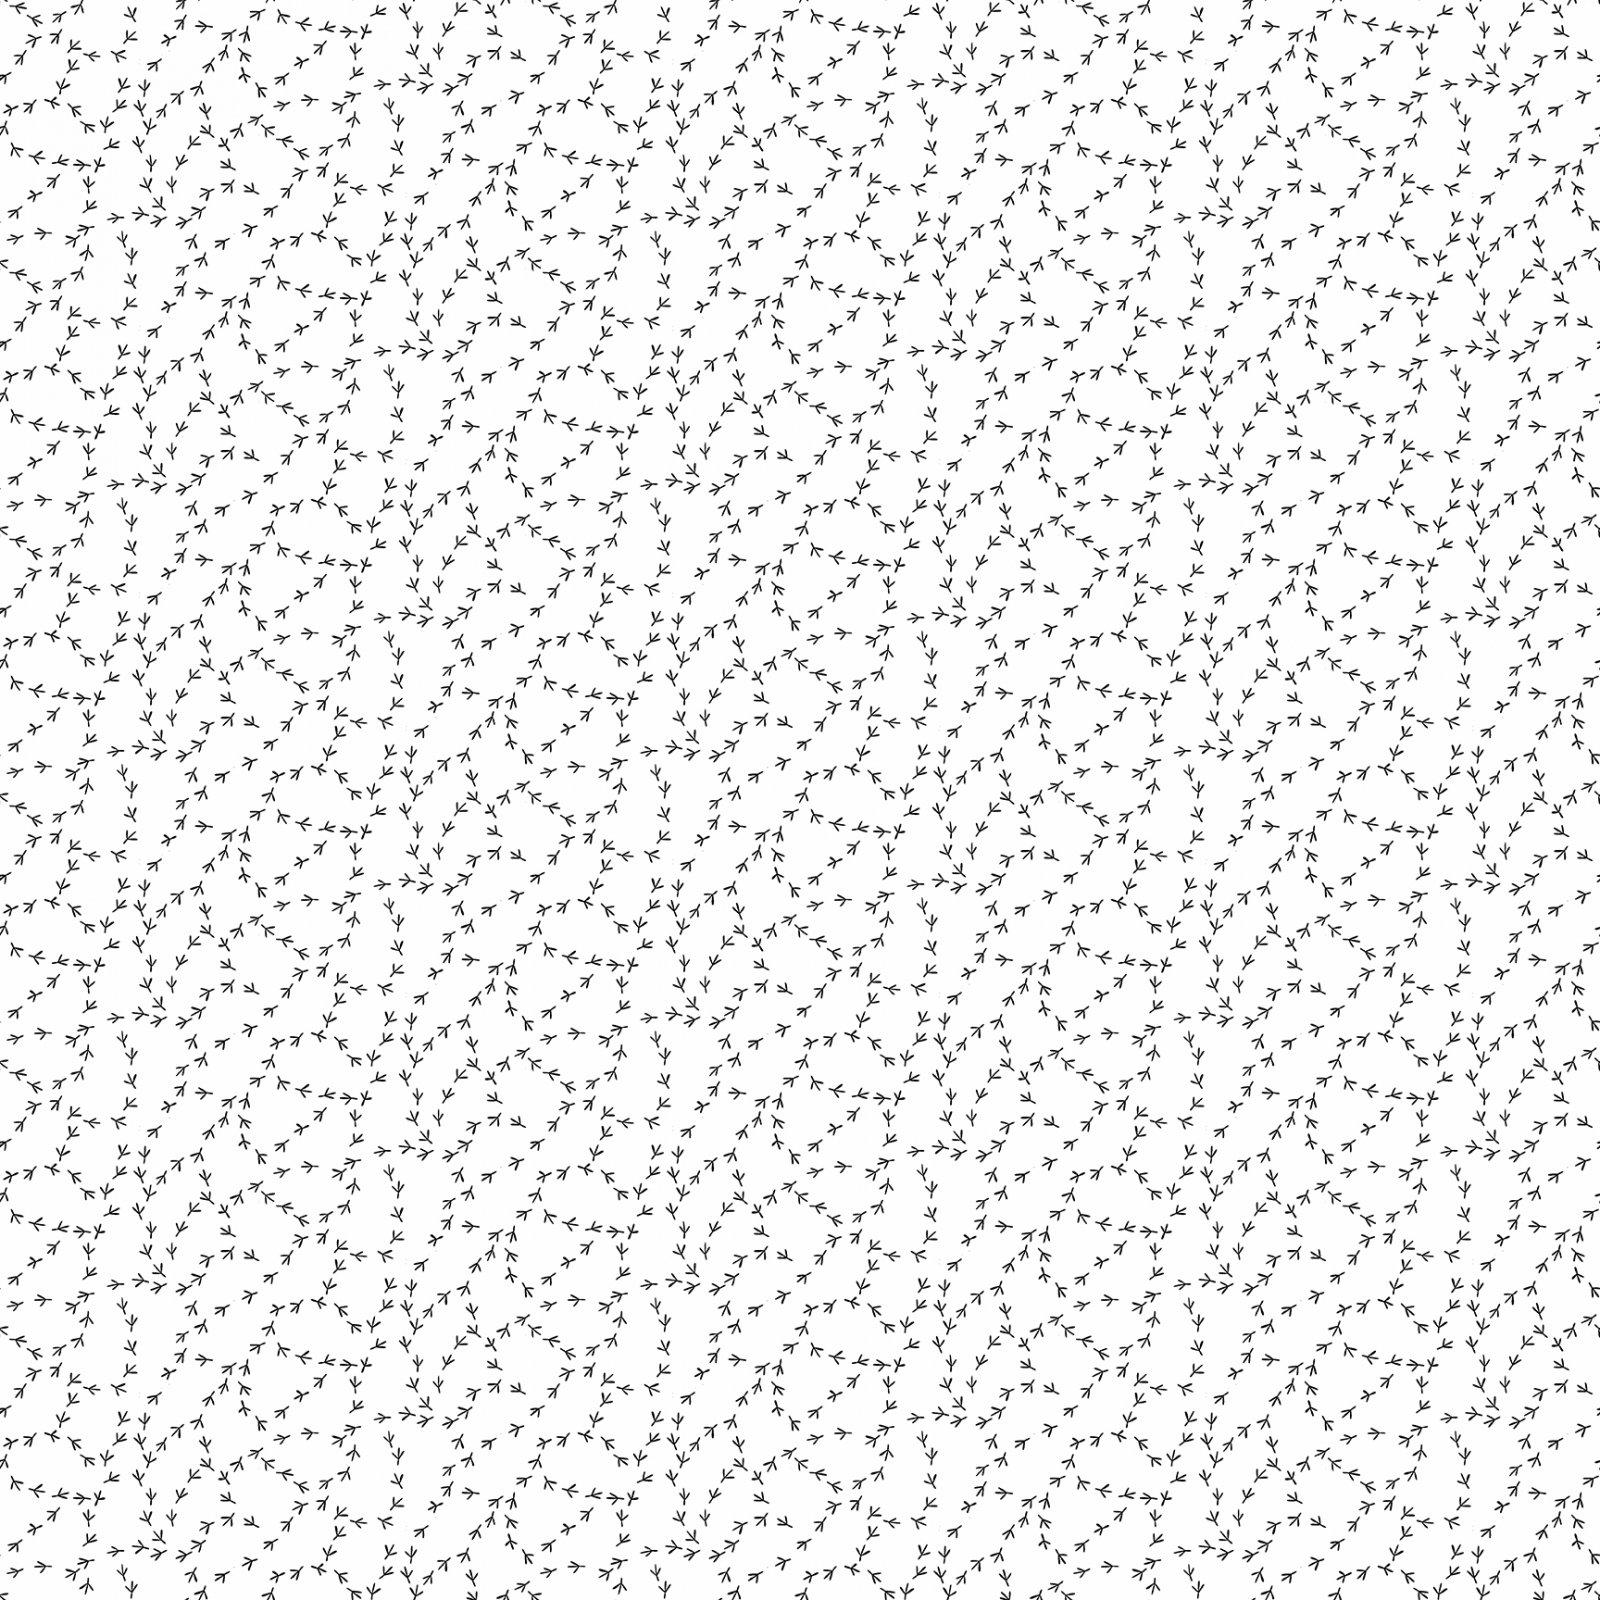 Black tracks on white